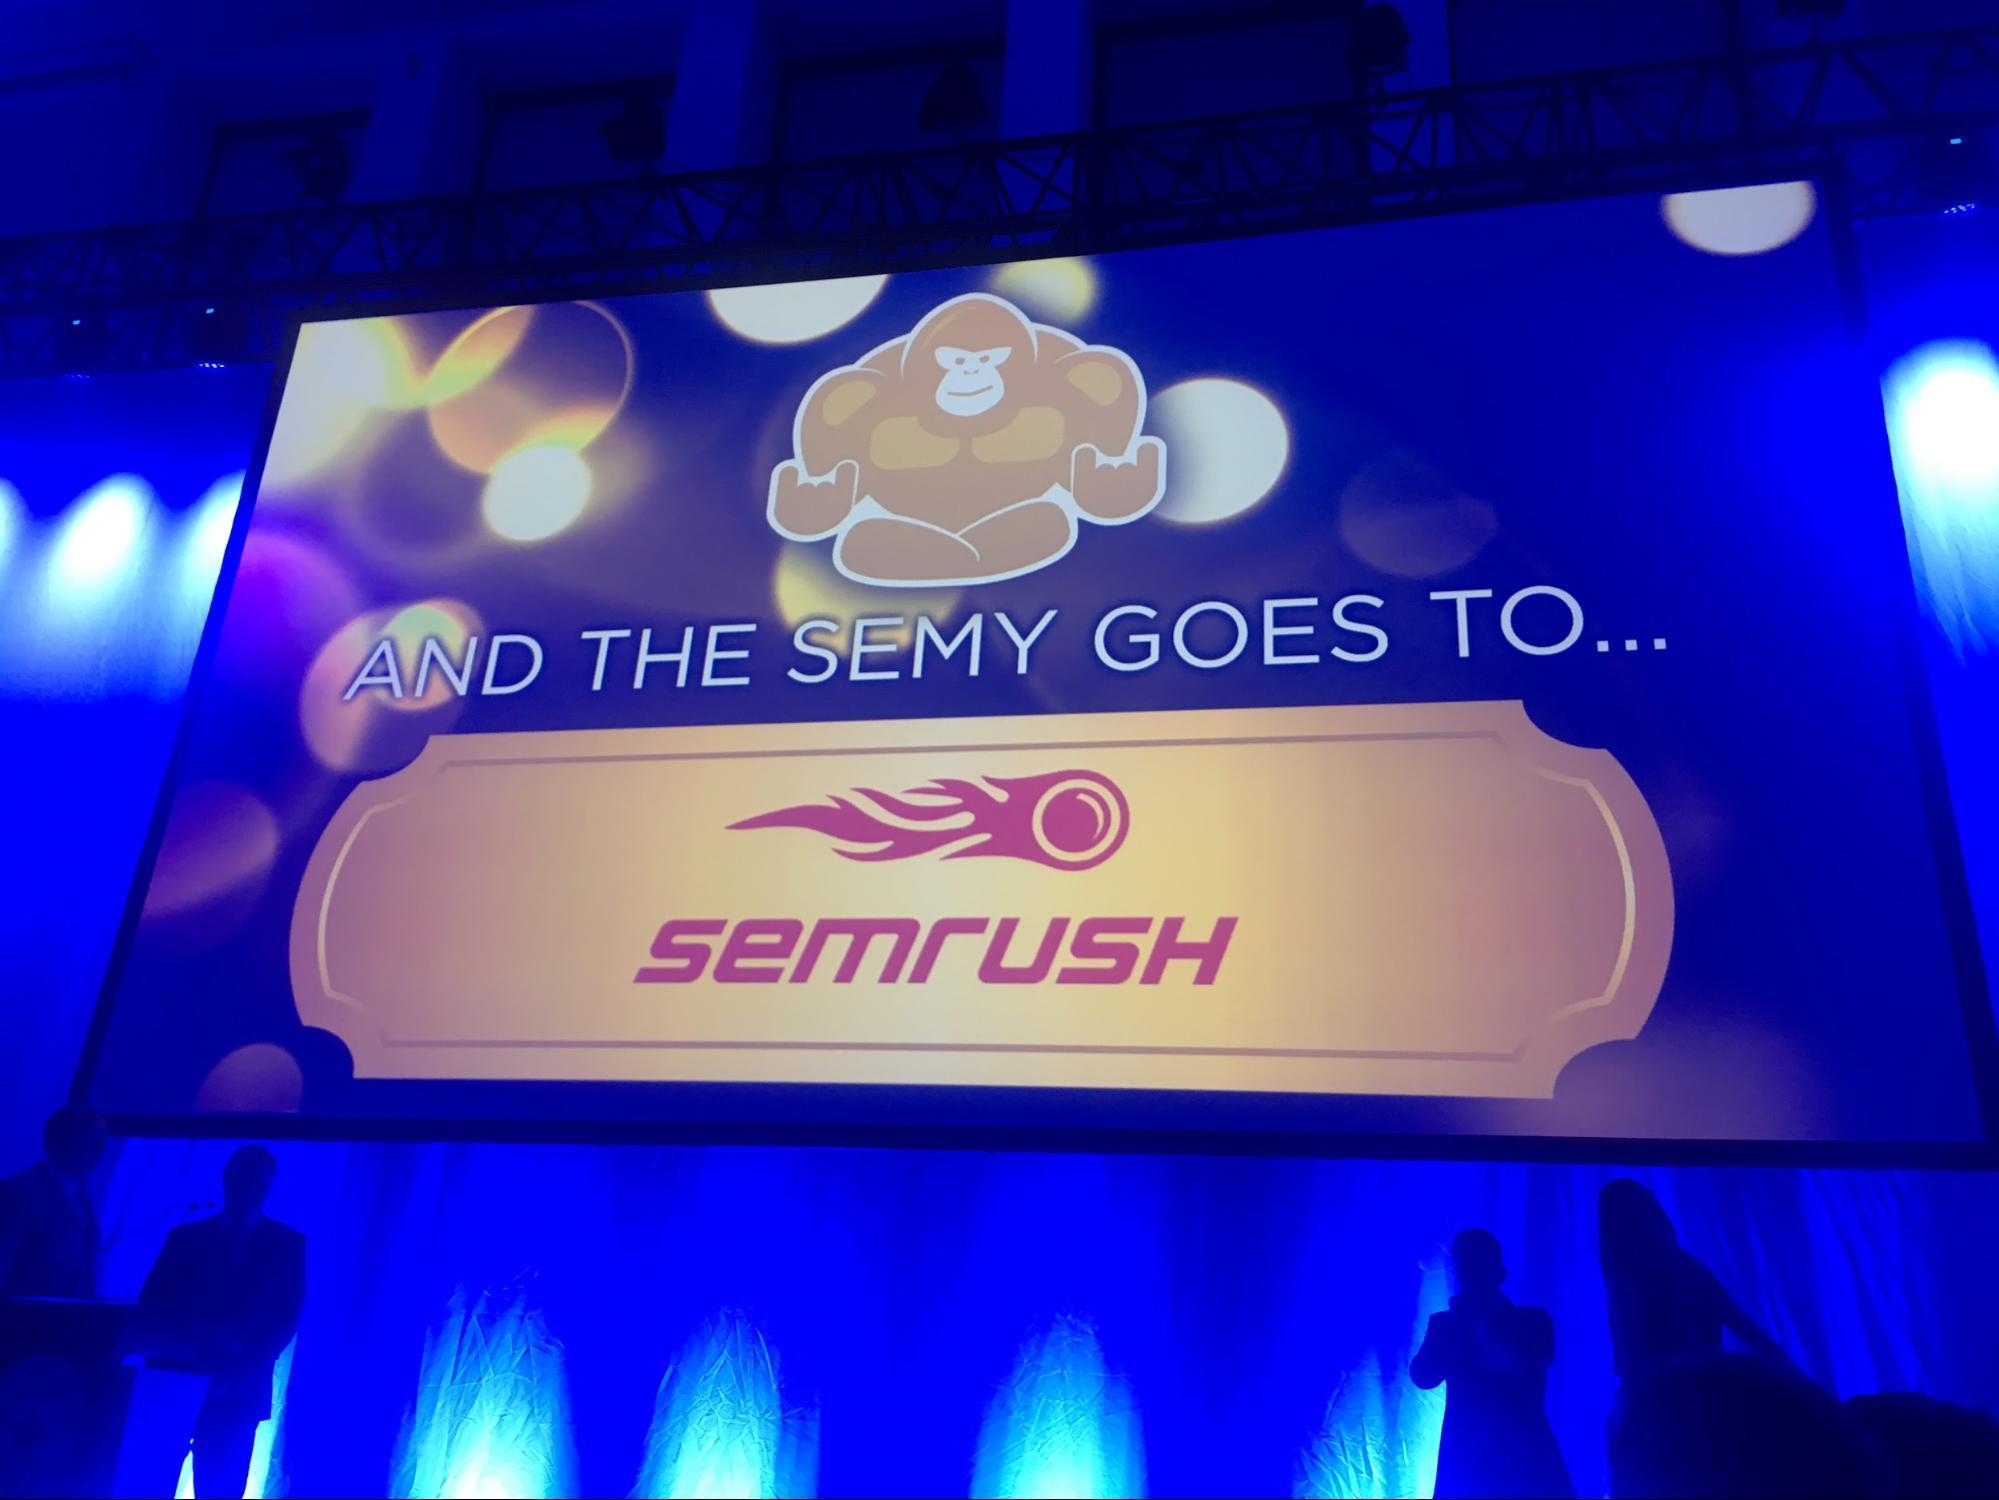 Mejores actualizaciones de SEMrush - Premios conseguidos